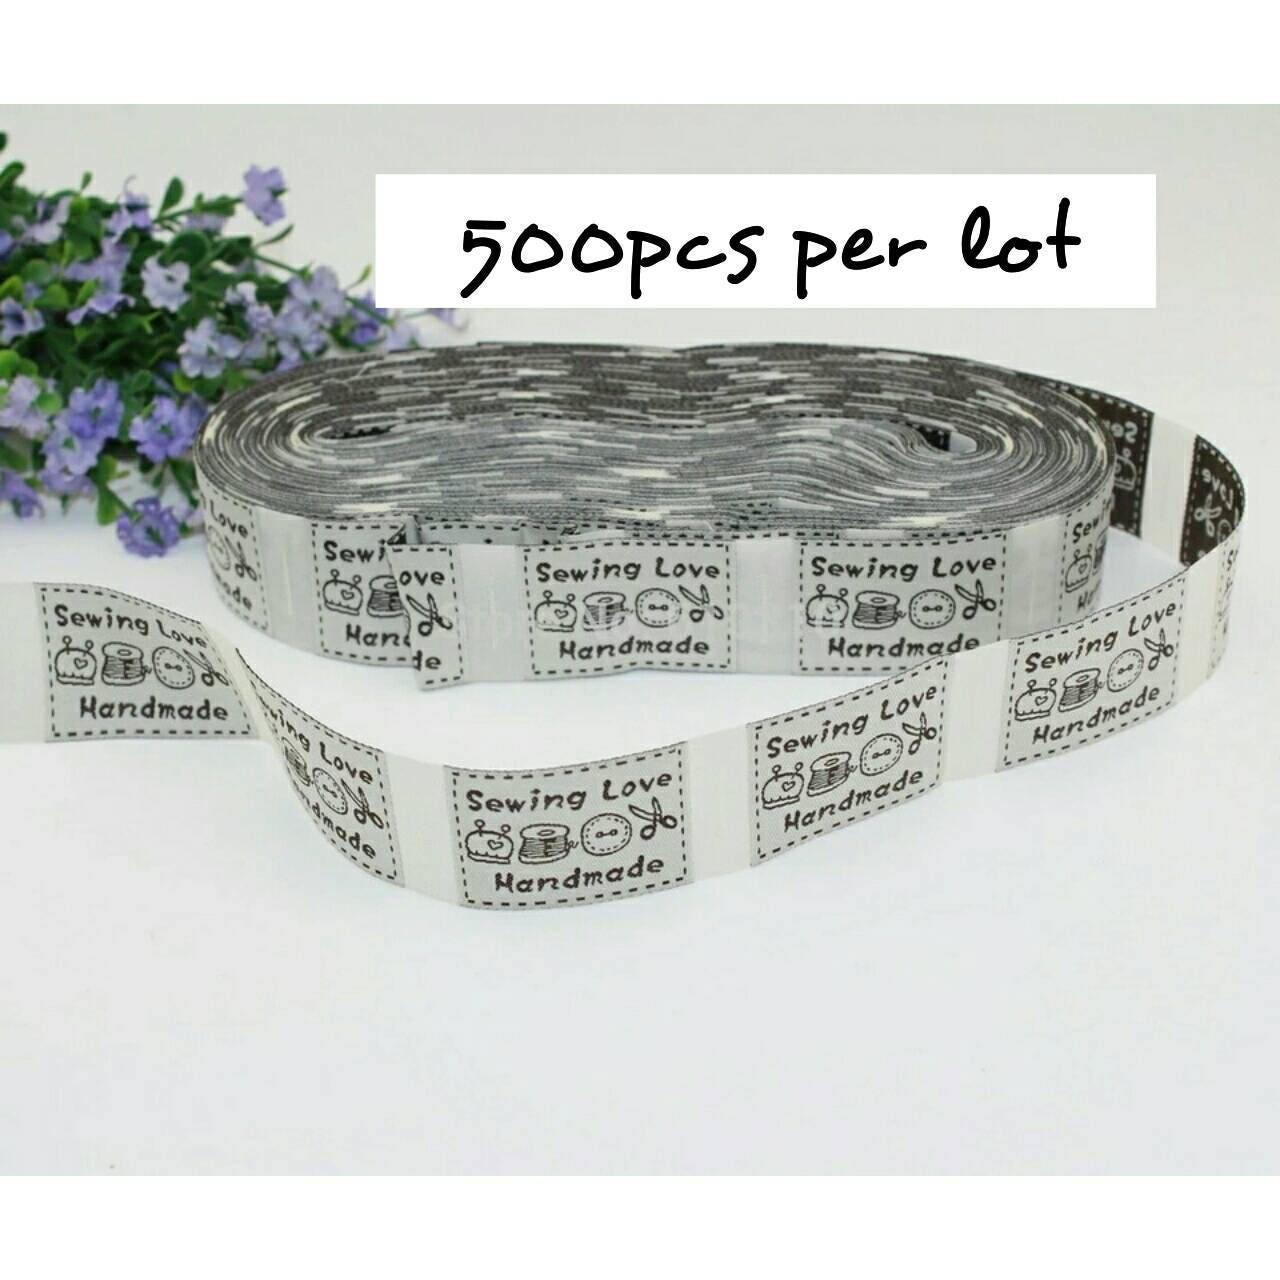 Fait à la main étiquettes, étiquettes en relief pour les les pour objets faits main, 500 pcs/lot, coudre dans l'étiquette, coudre dans étiquettes, étiquettes de point à la main a57e31